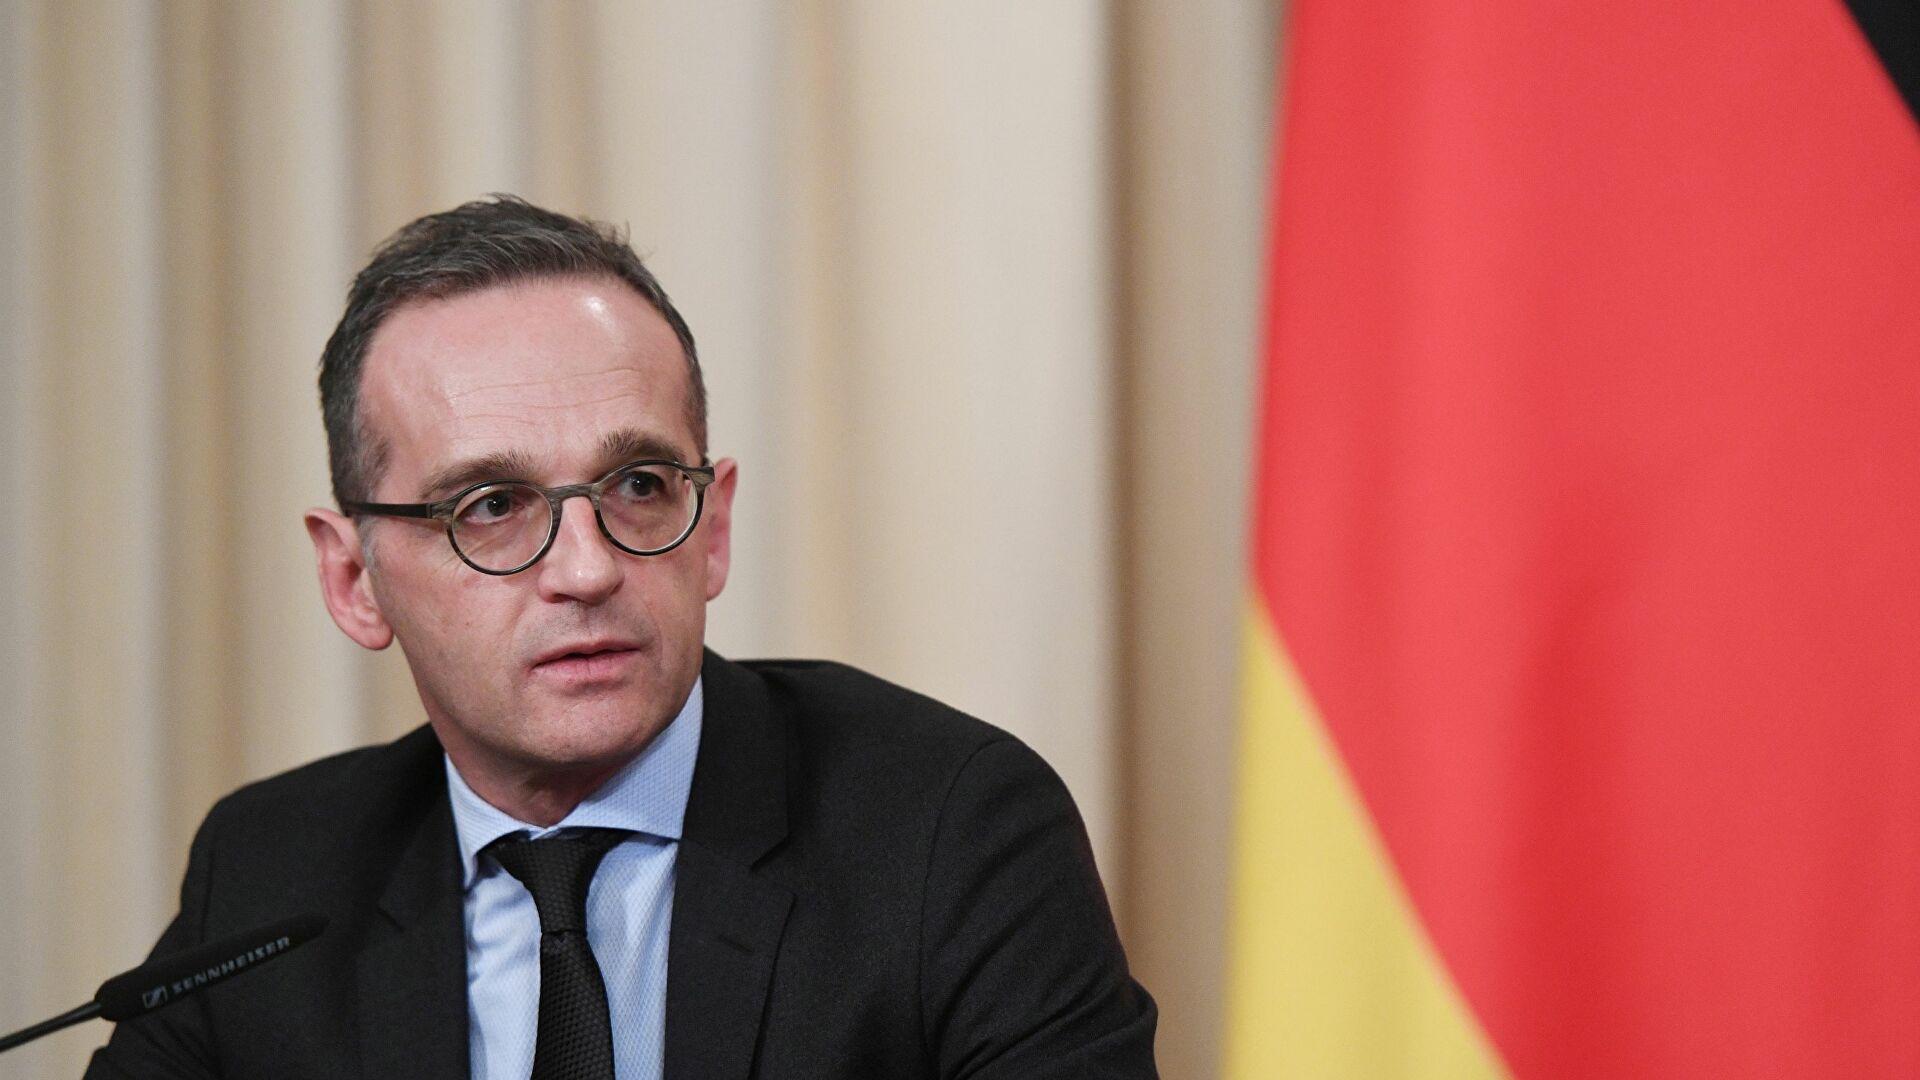 Мас: Санкције ЕУ ће остати на снази све док не буде нађено решење за Крим и исток Украјине